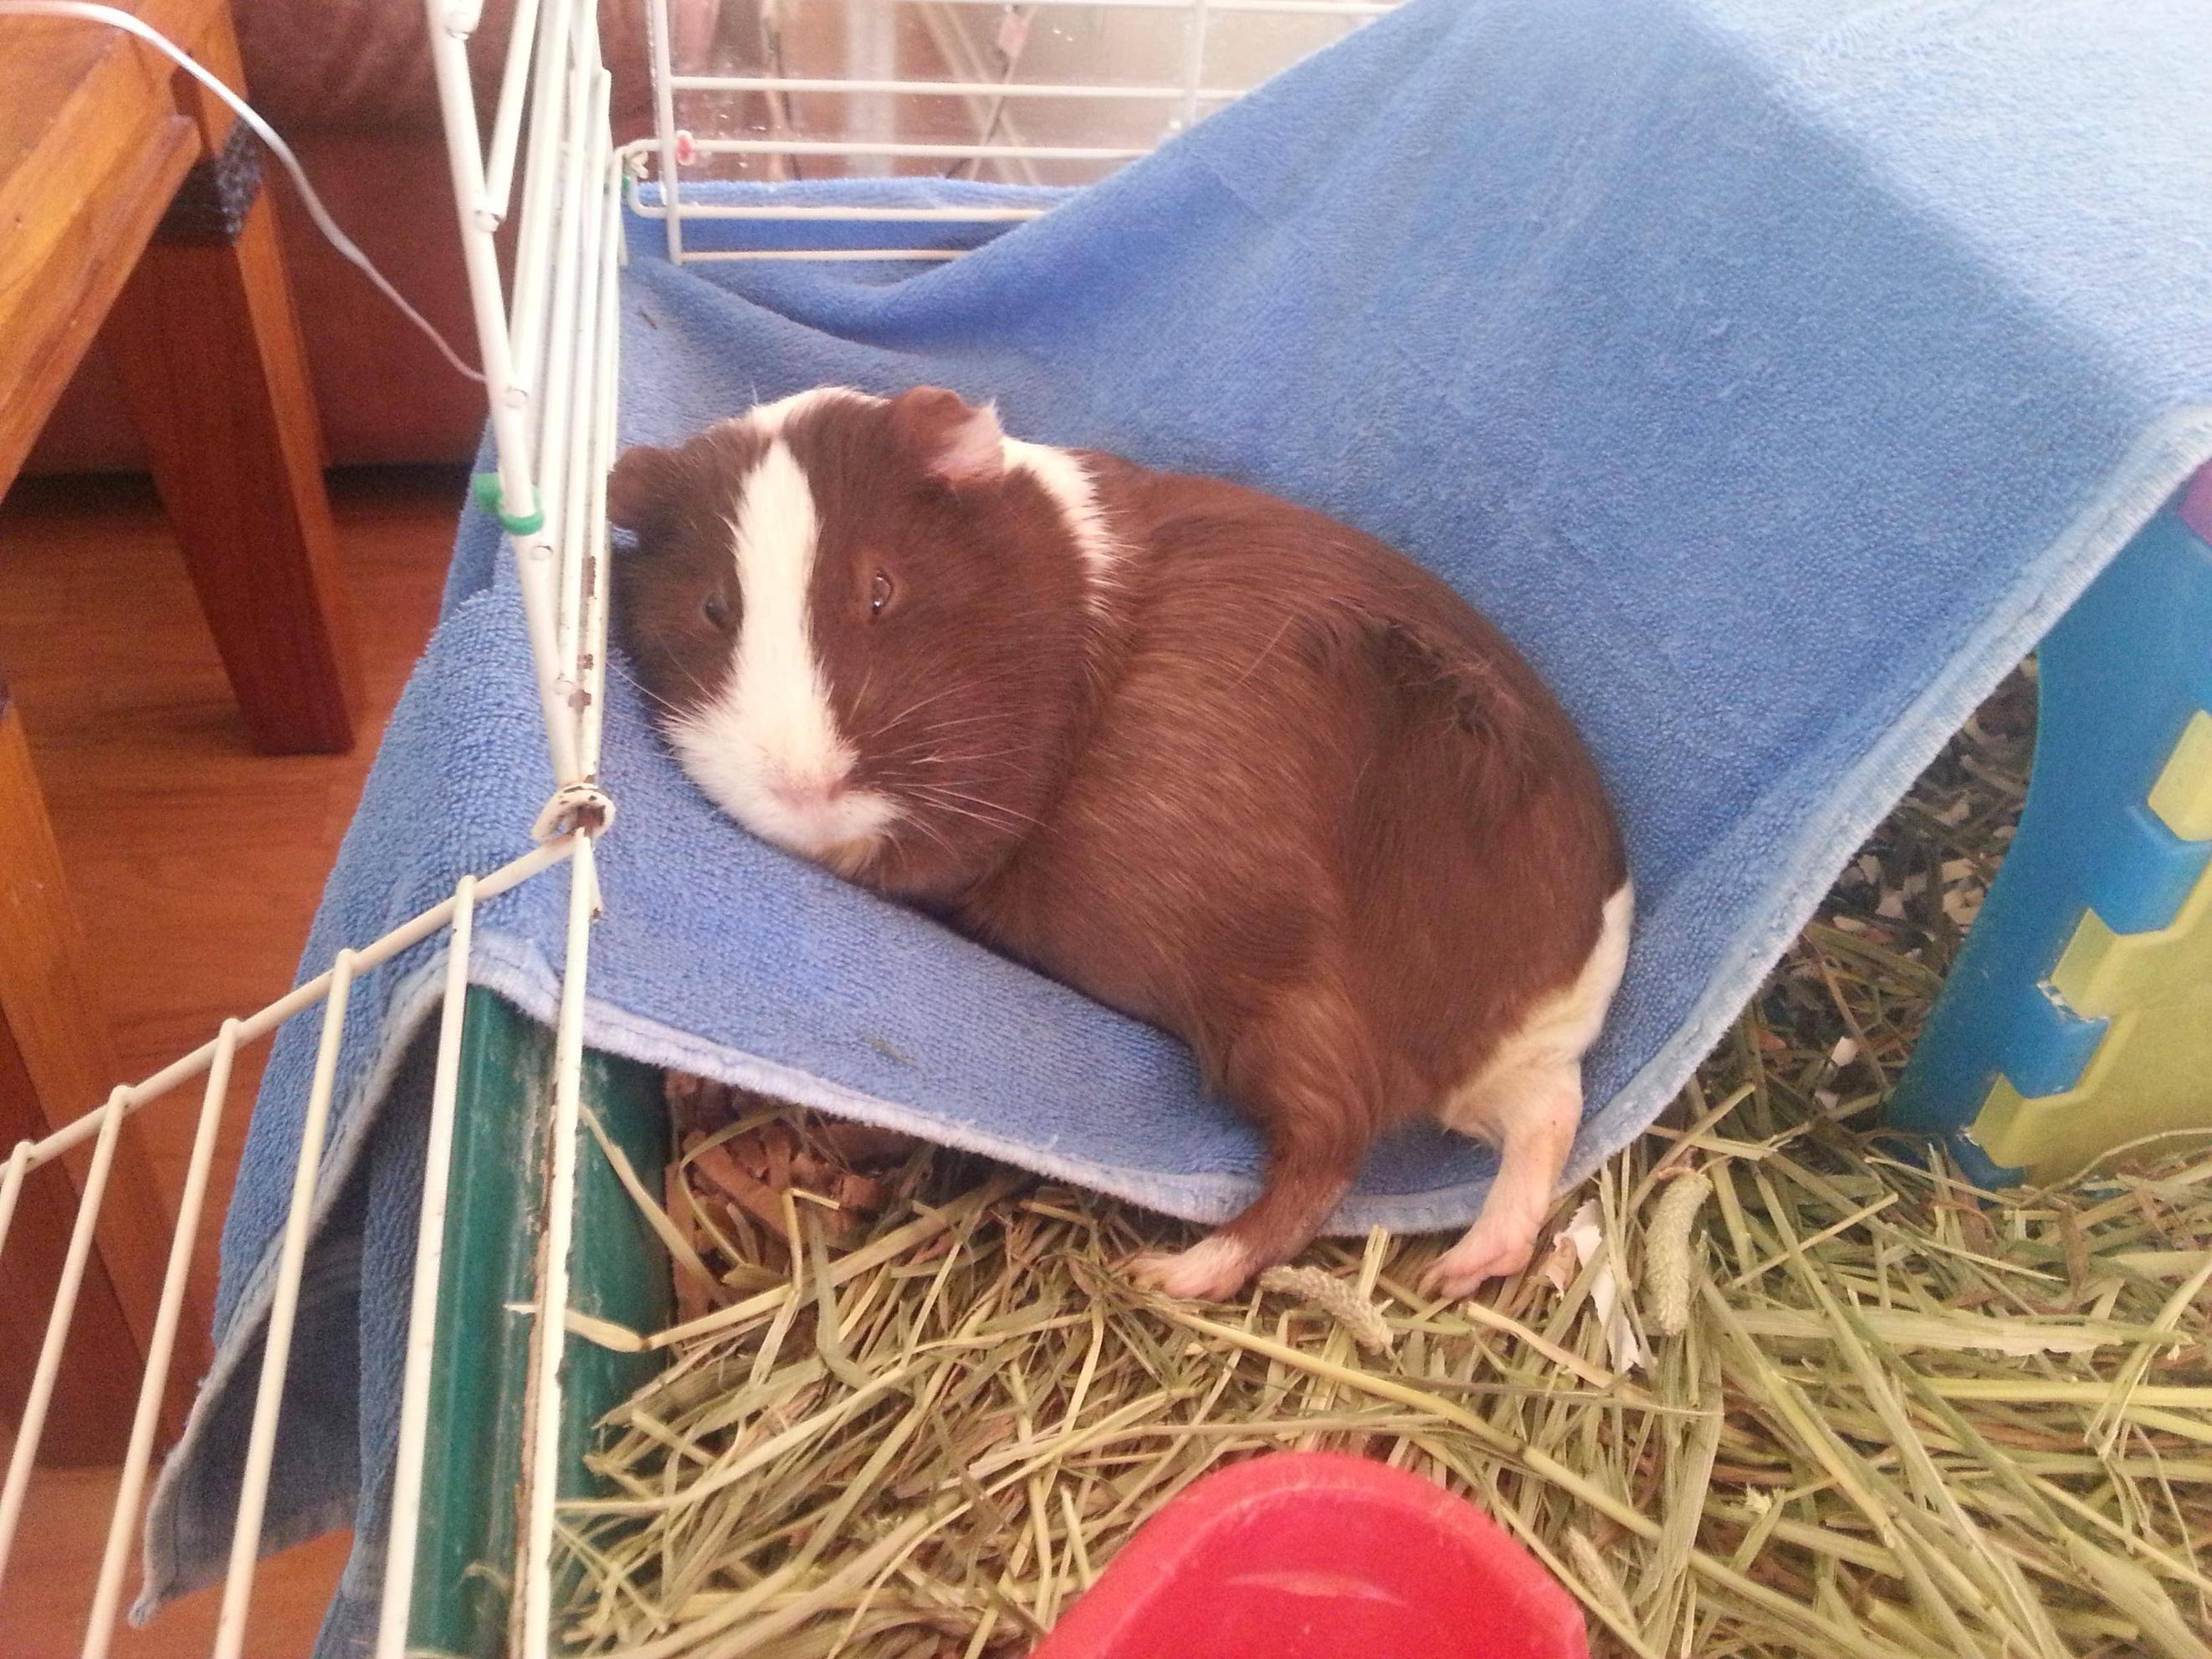 My Guinea Pig Sleeping In Her Hammock